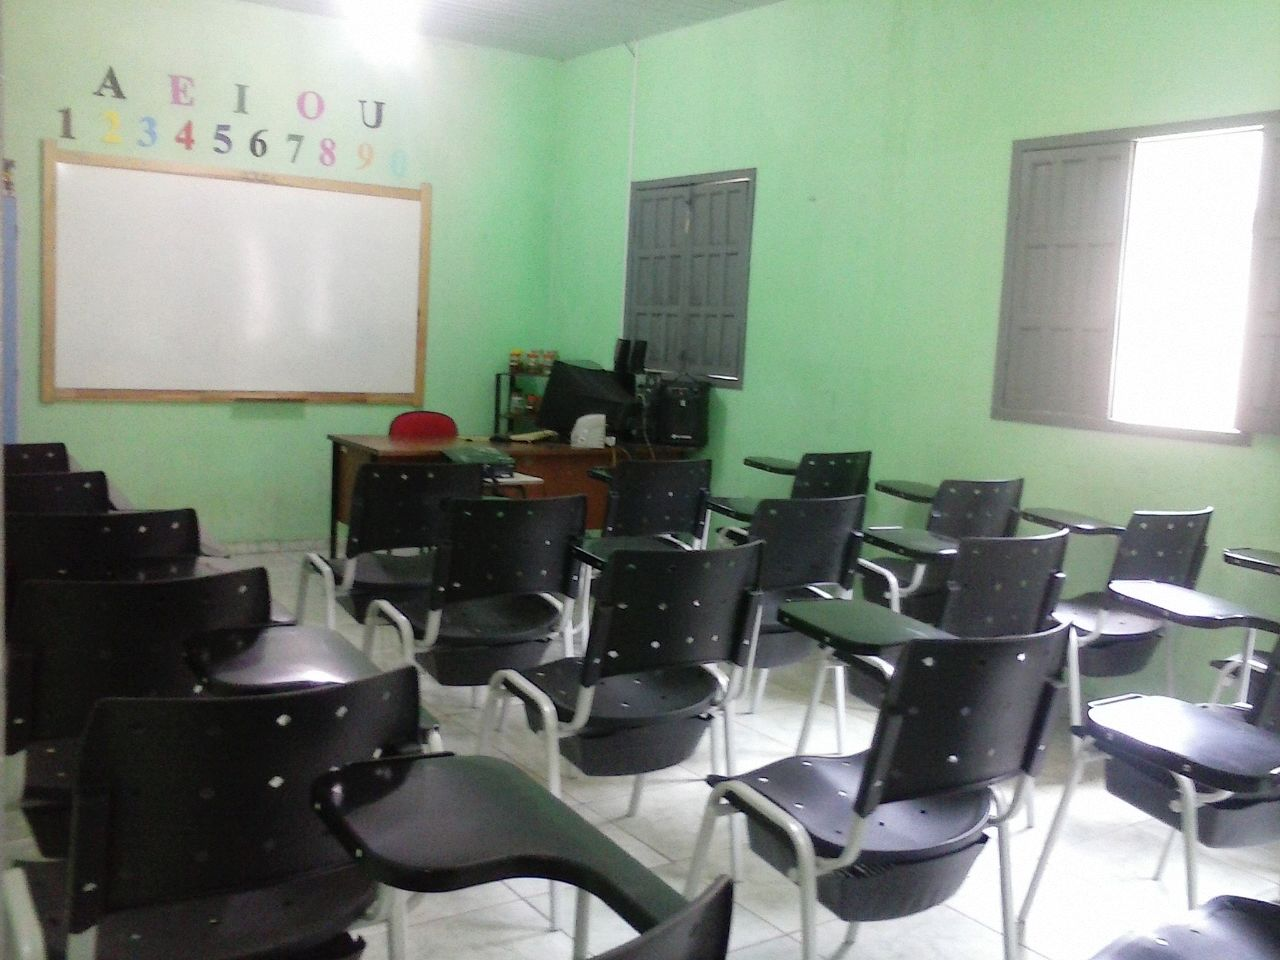 Grupo torpedos mirim nova mob lia da sala de refor o escolar for Mobilia 9 6